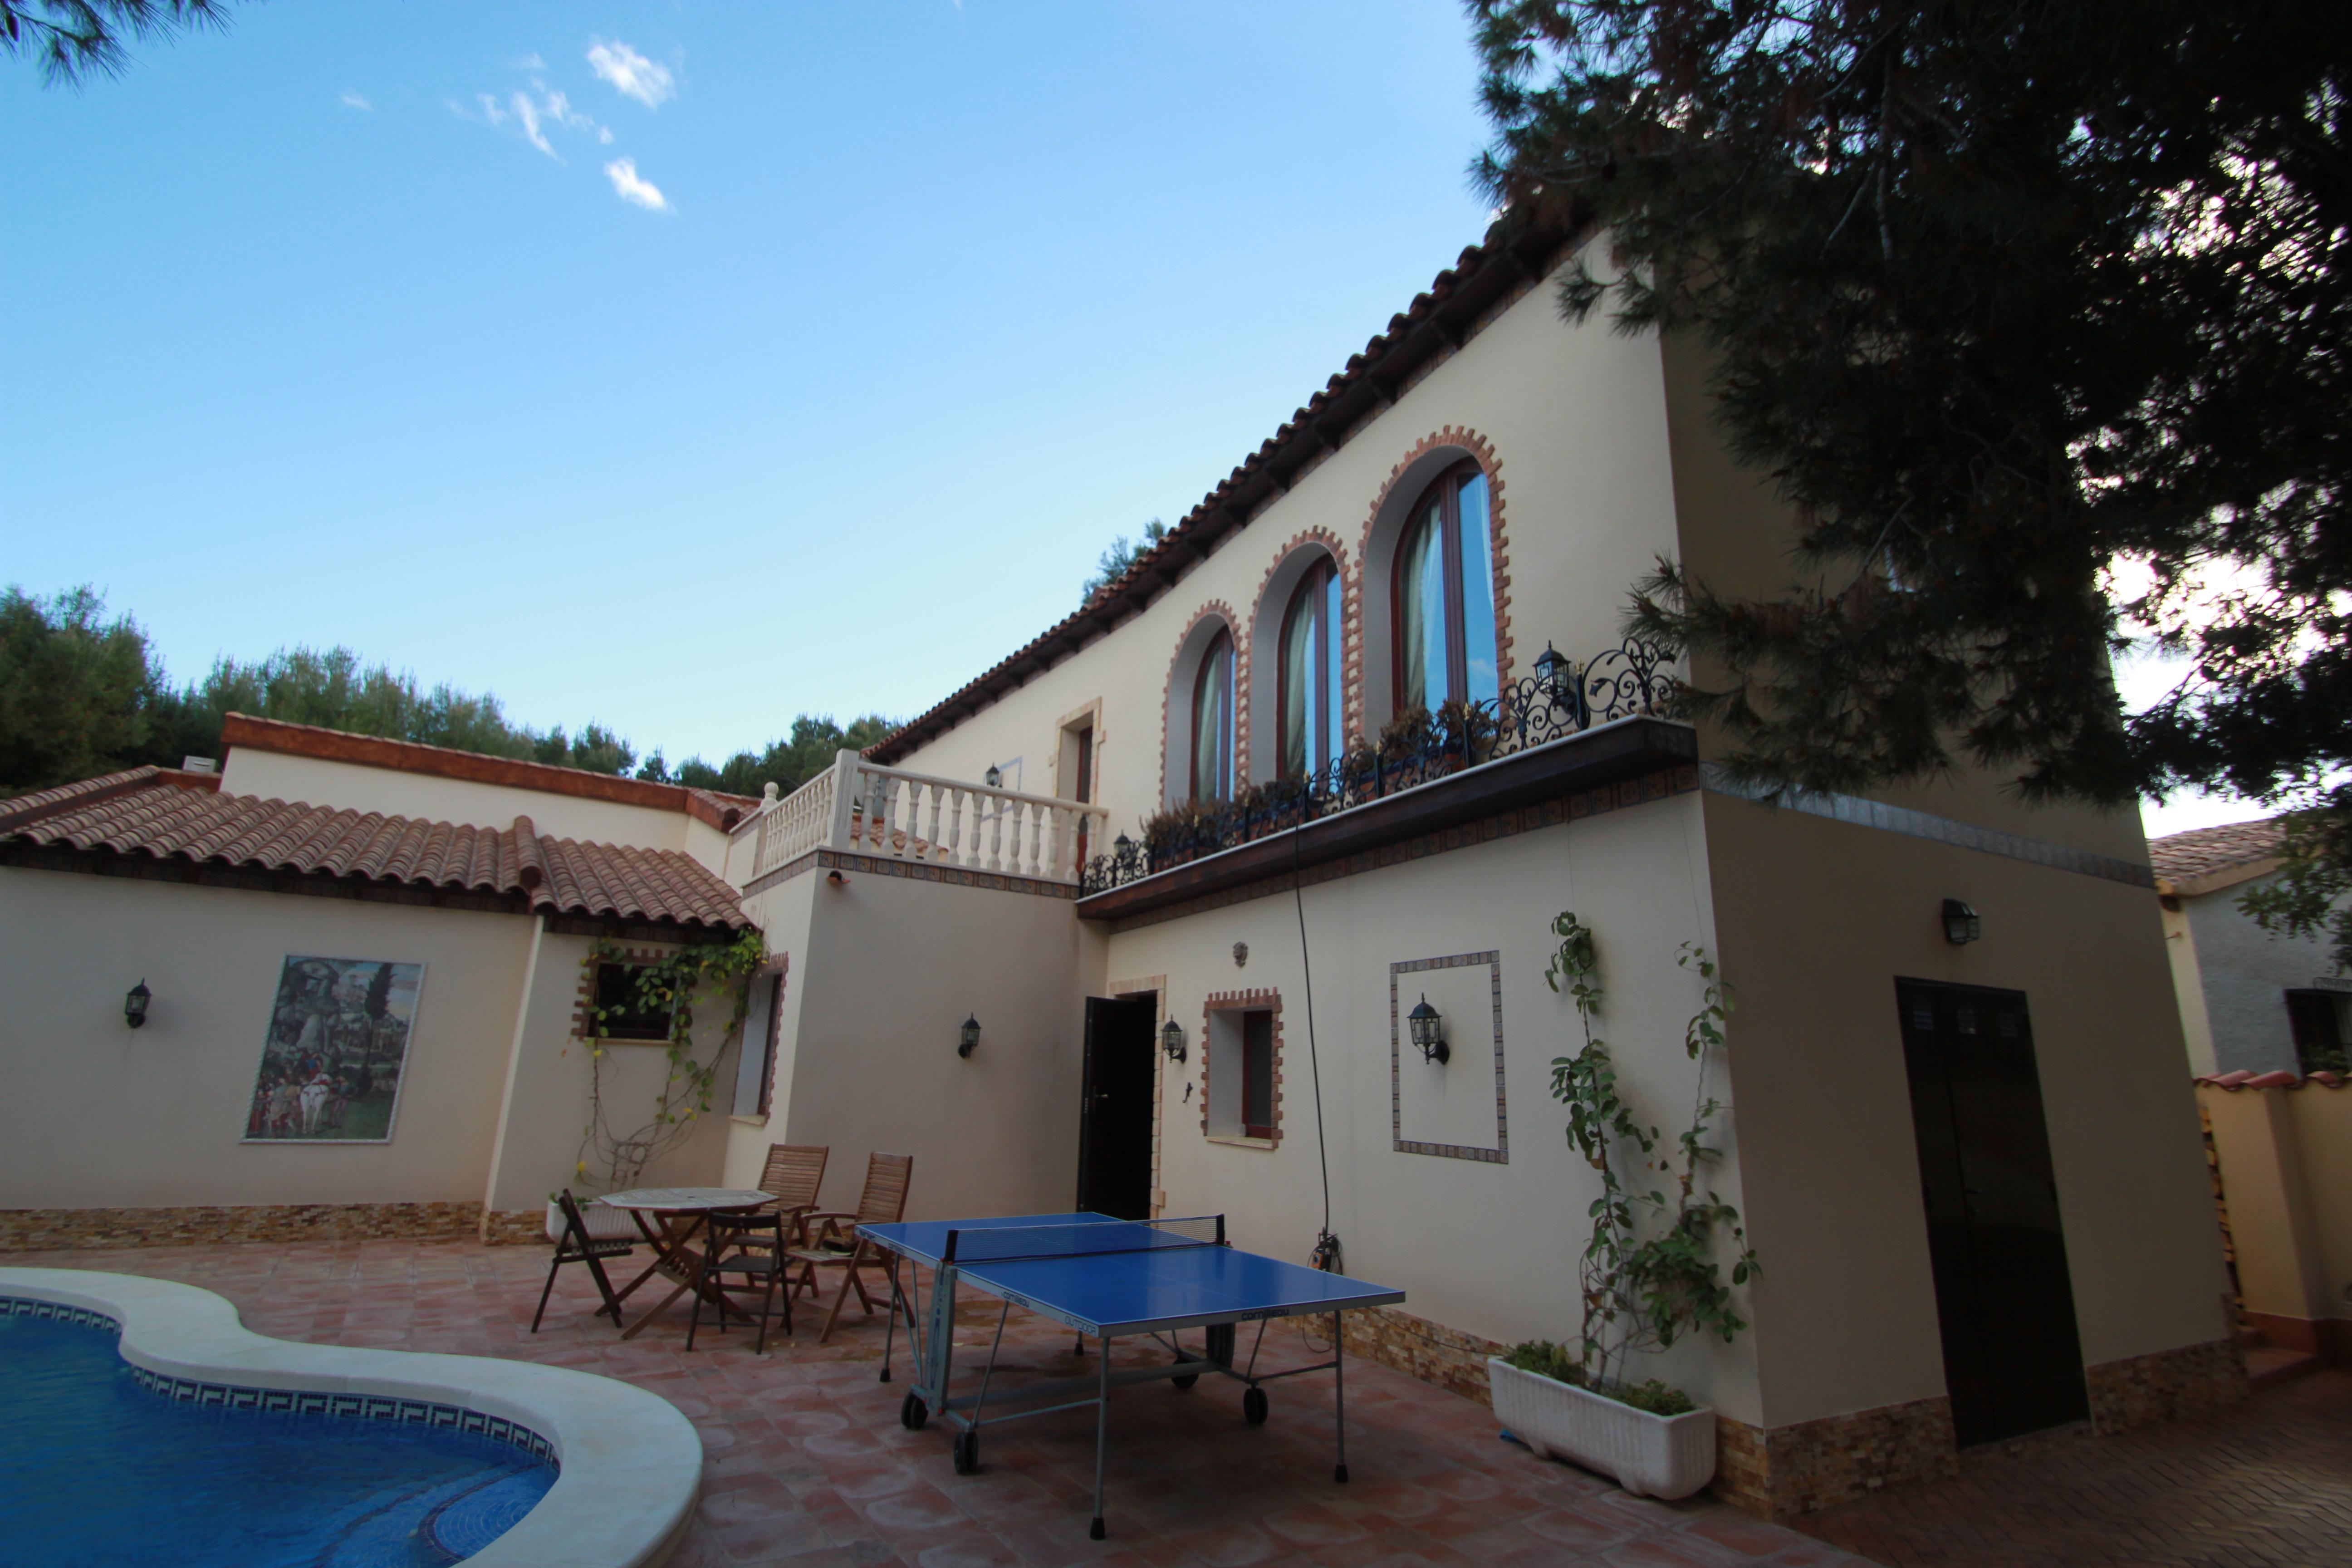 Villa de lujo en punta prima orihuela alicante espa a for Villas de lujo en madrid